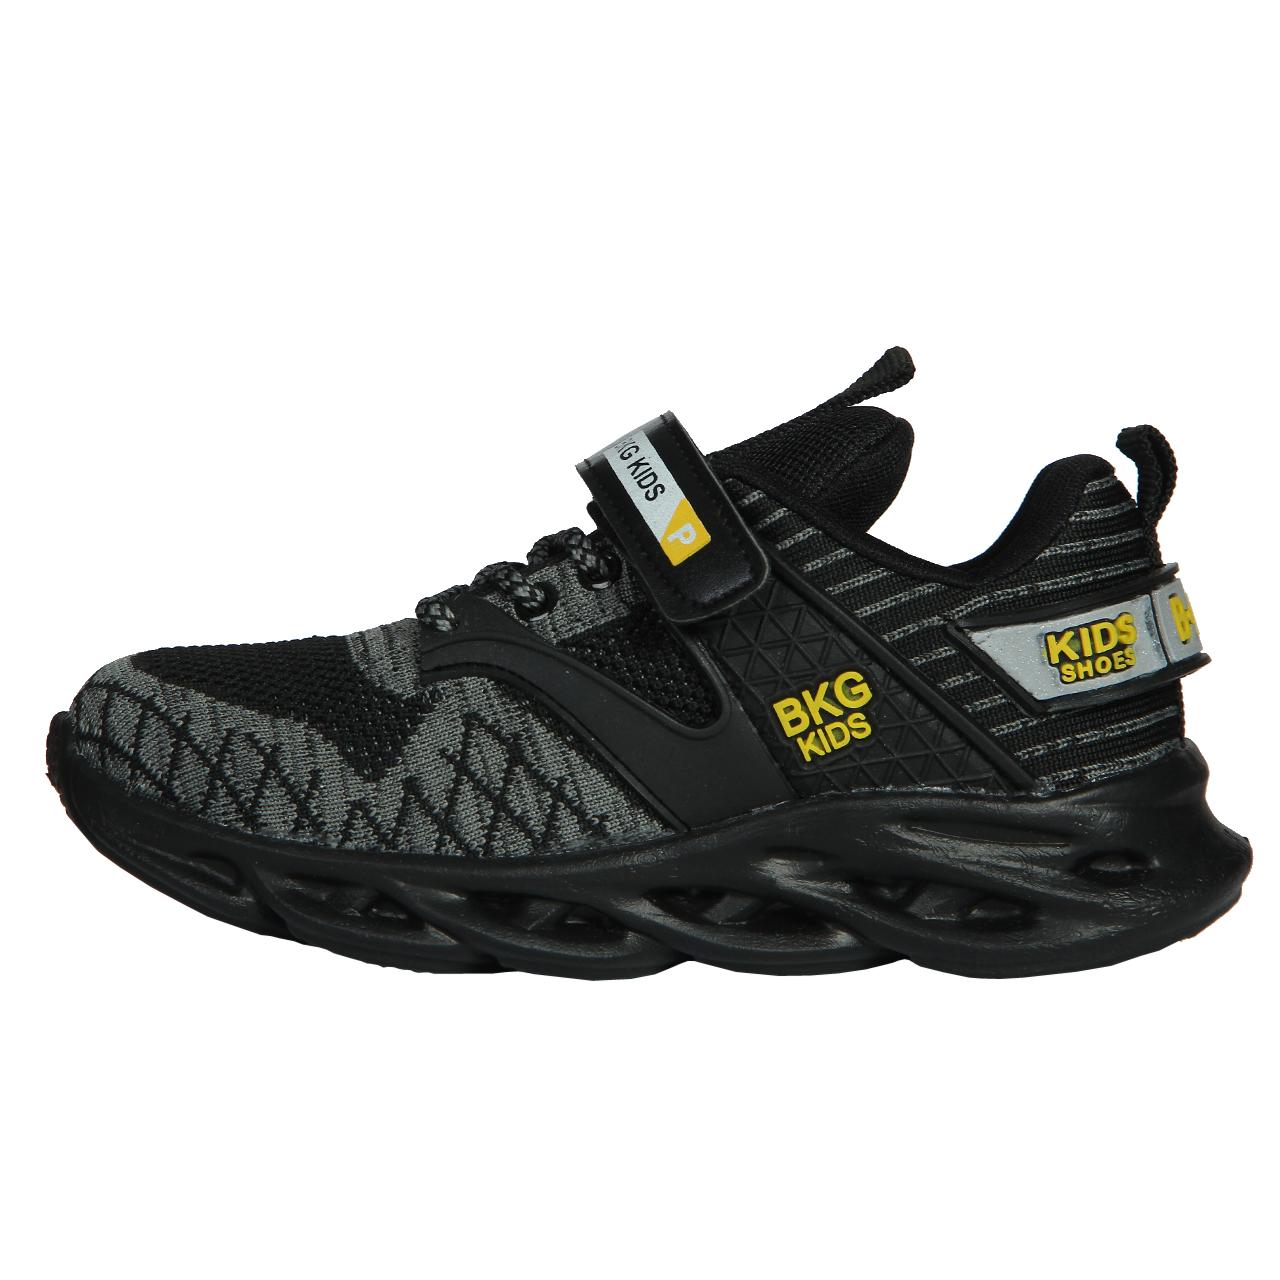 کفش پیاده روی بچگانه مدل B.K.G KIDS کد 21